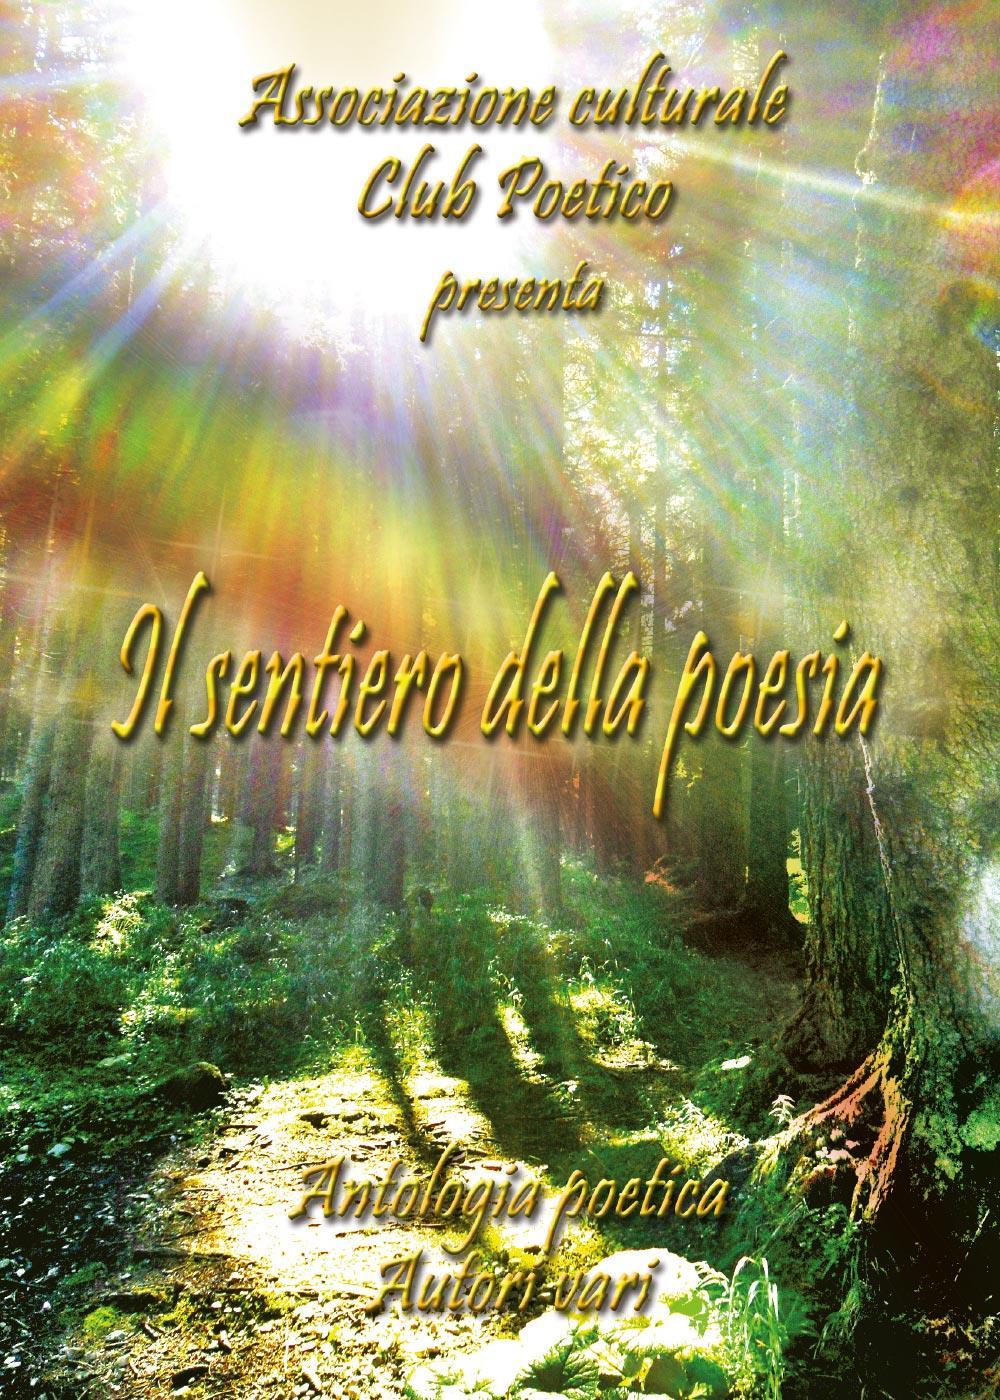 Il sentiero della poesia